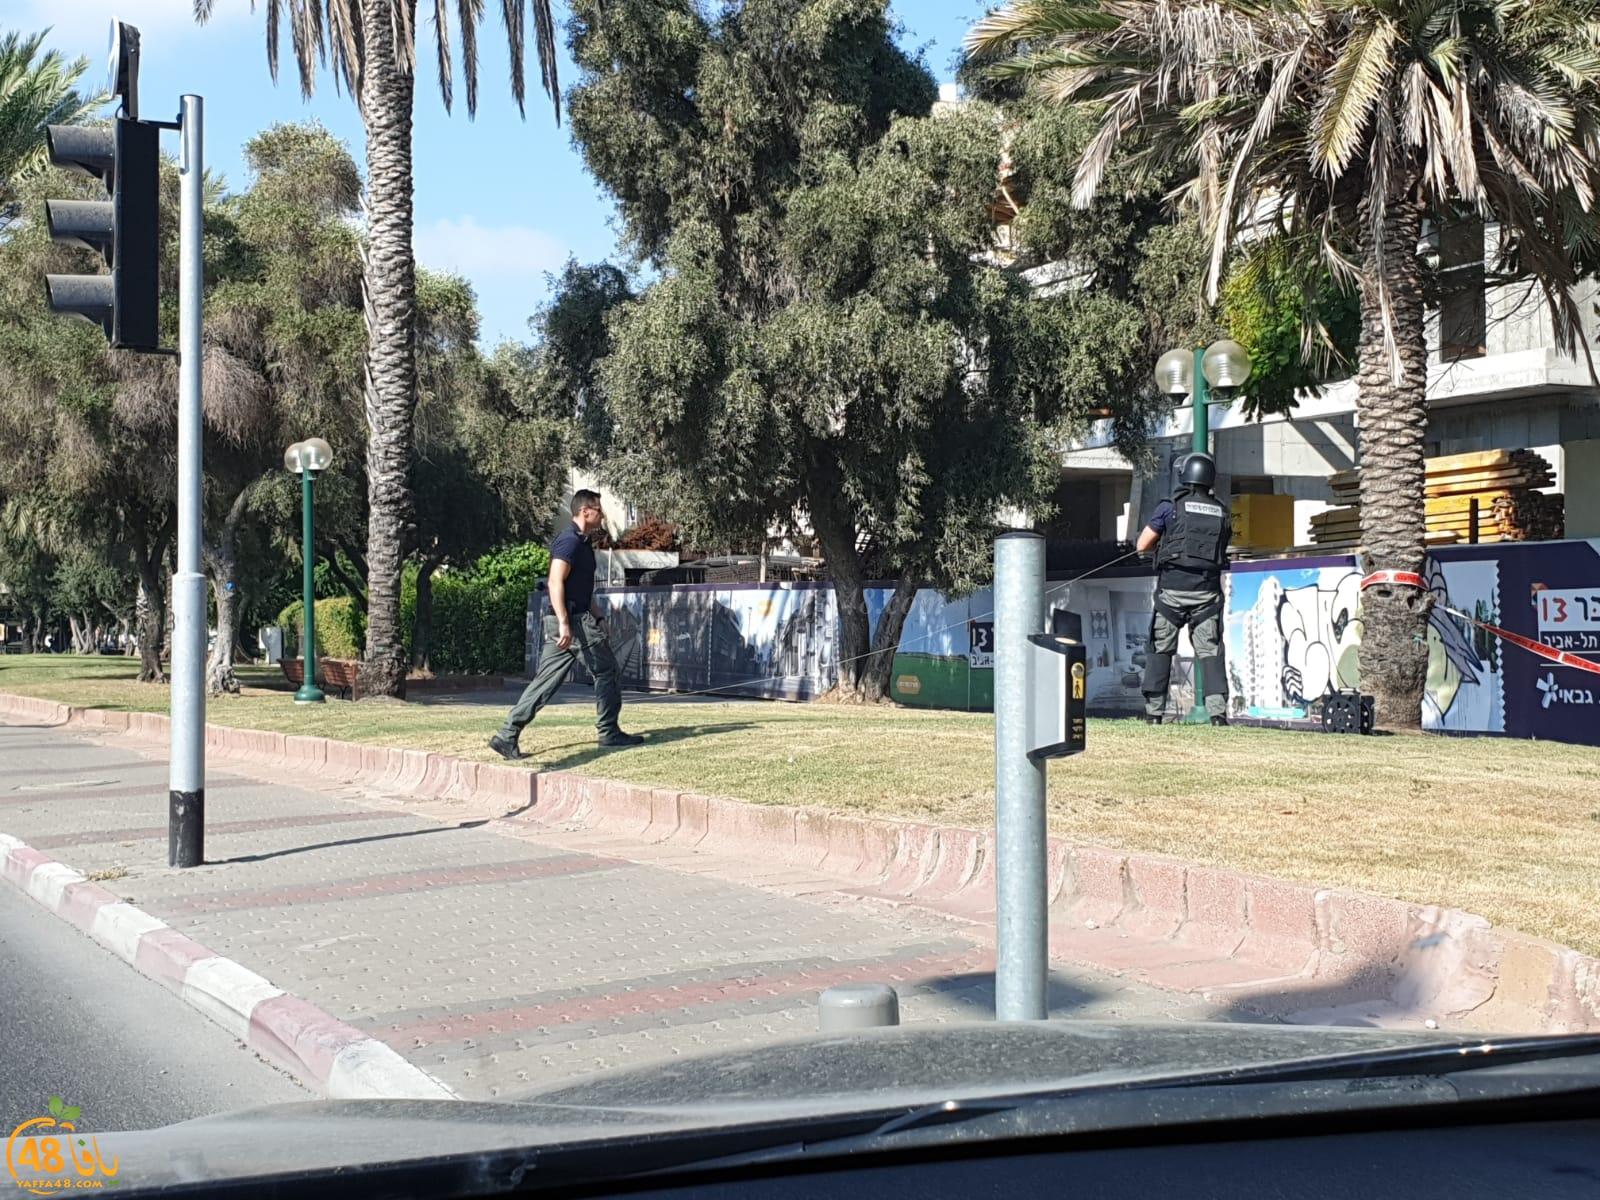 بالصور: الشرطة تعالج جسماً مشبوهاً في مدينة يافا